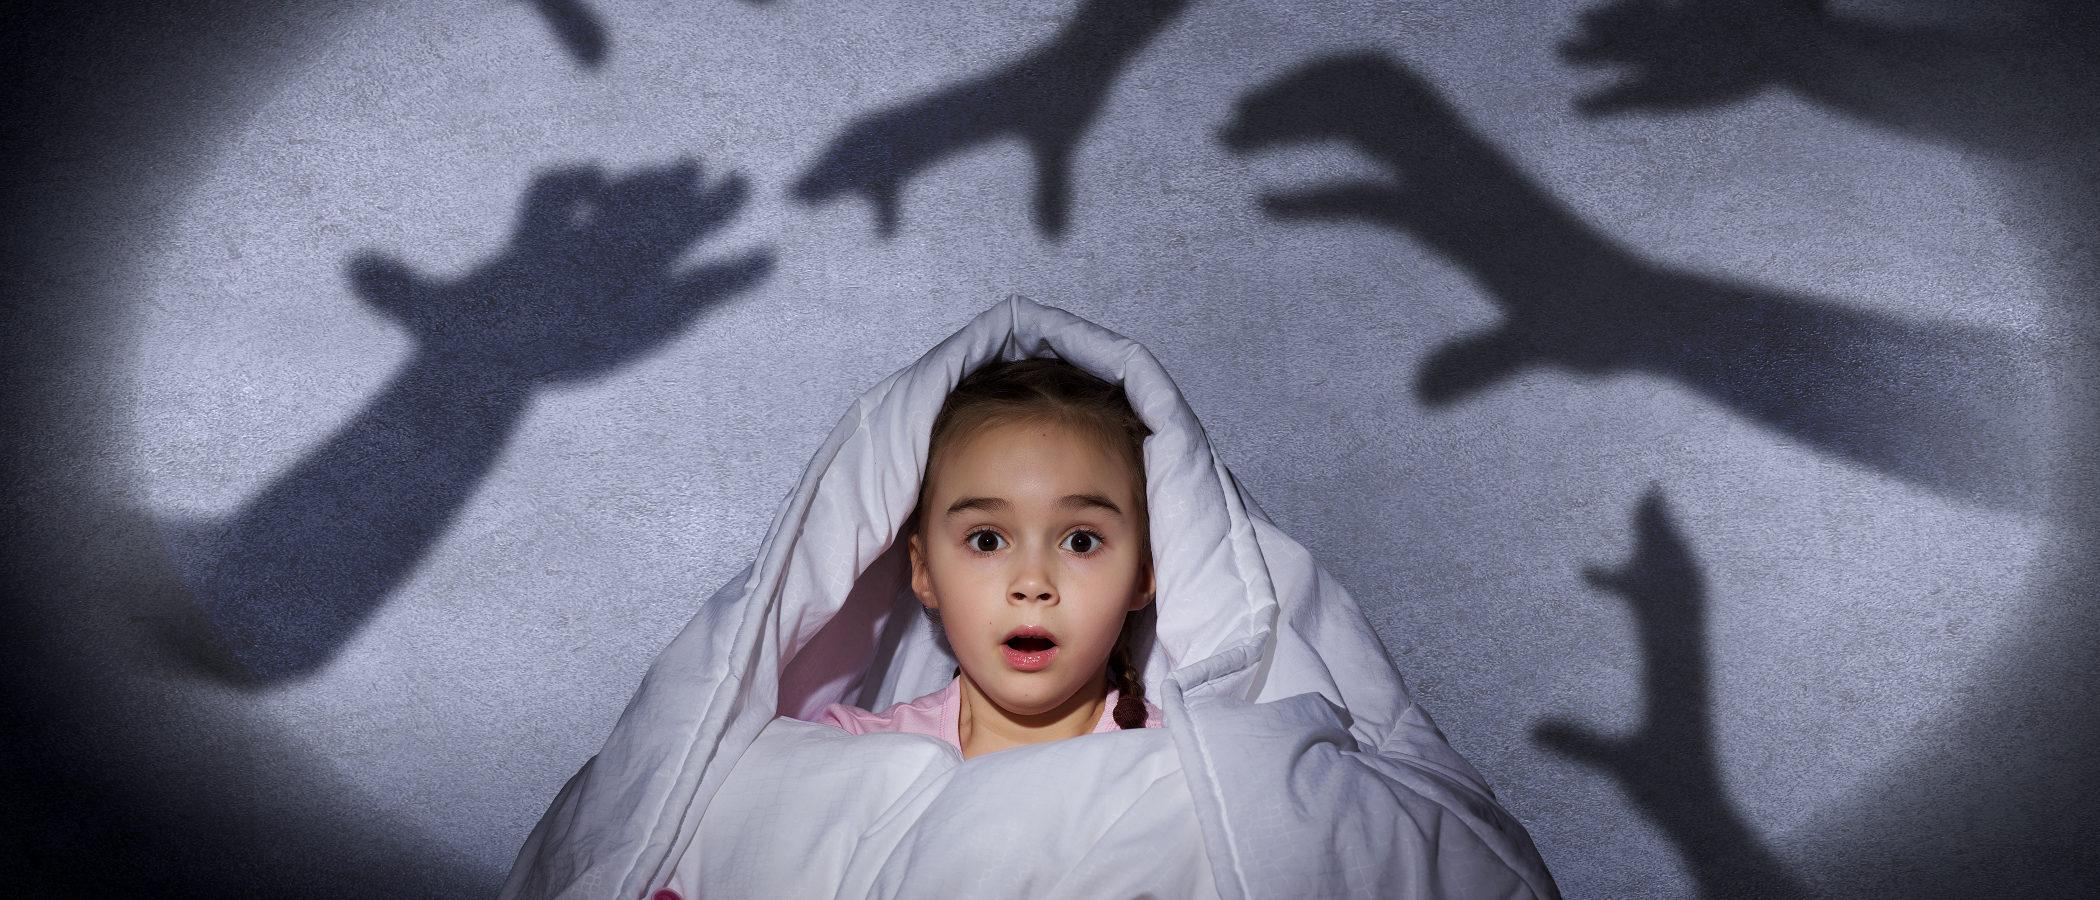 La polémica del tráiler de 'Nunca apagues la luz' y el miedo en los niños, ¿qué podemos hacer los padres?